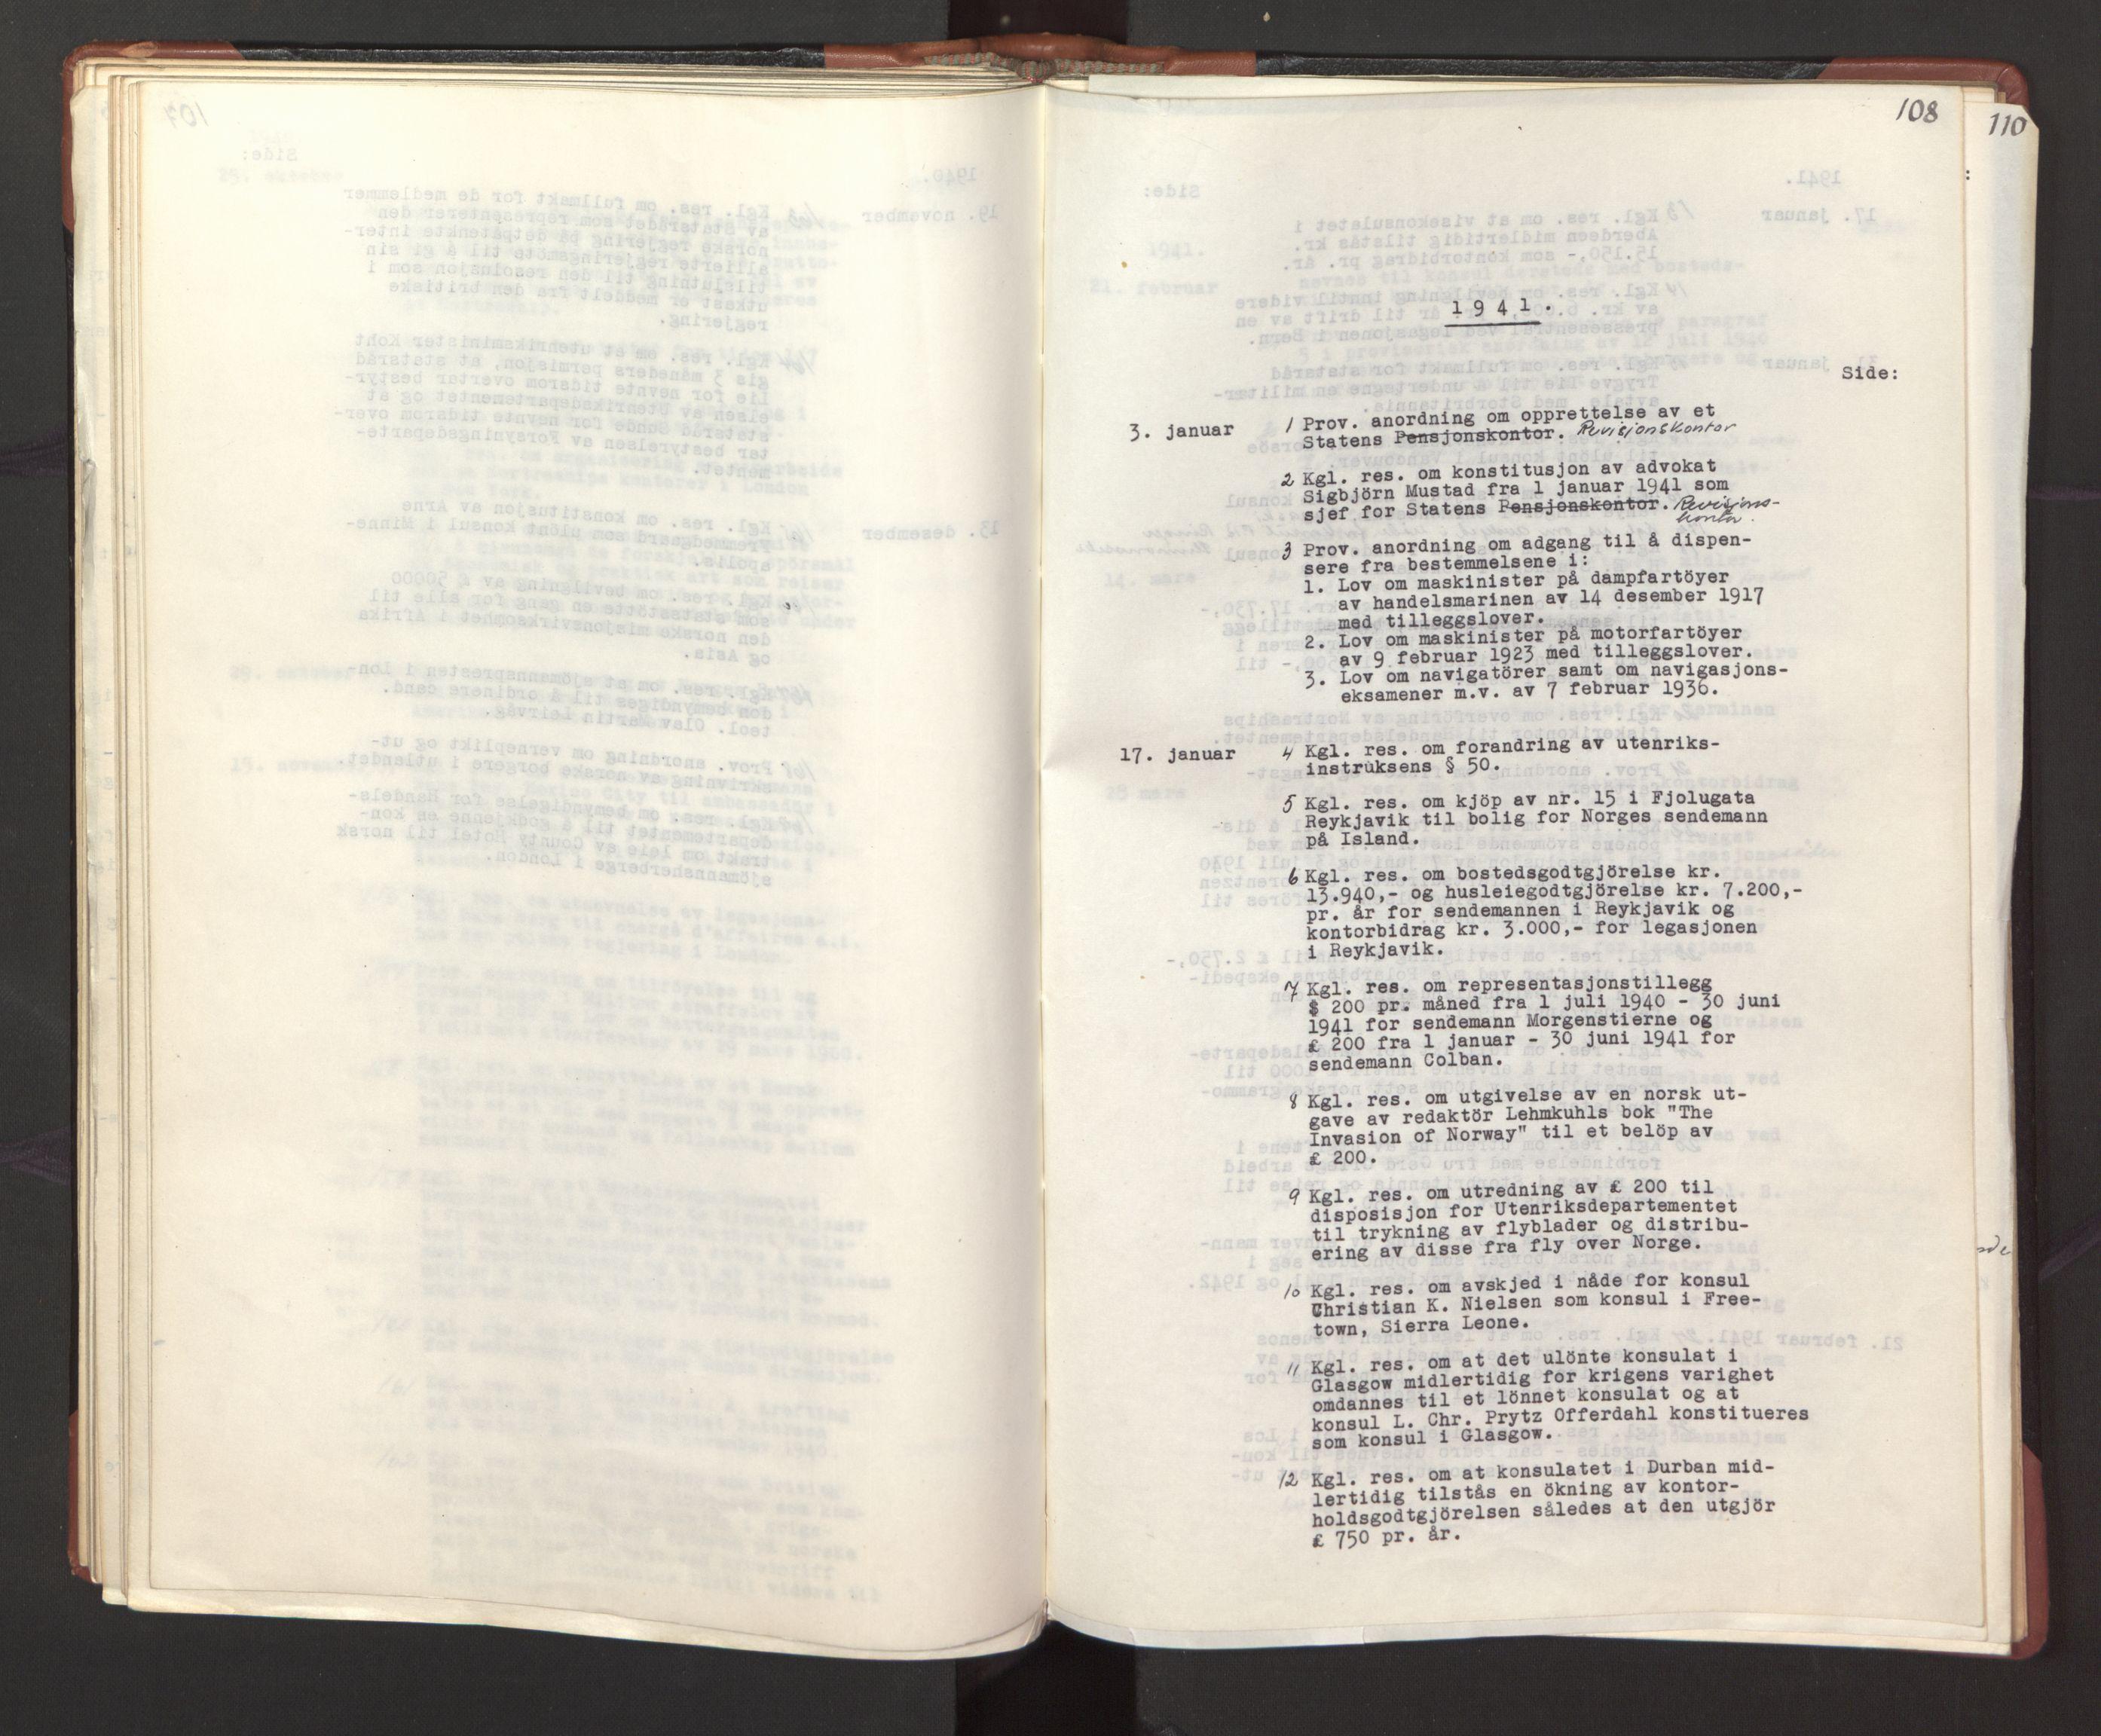 RA, Statsrådssekretariatet, A/Ac/L0127: Register 9/4-25/5, 1940-1945, s. 108